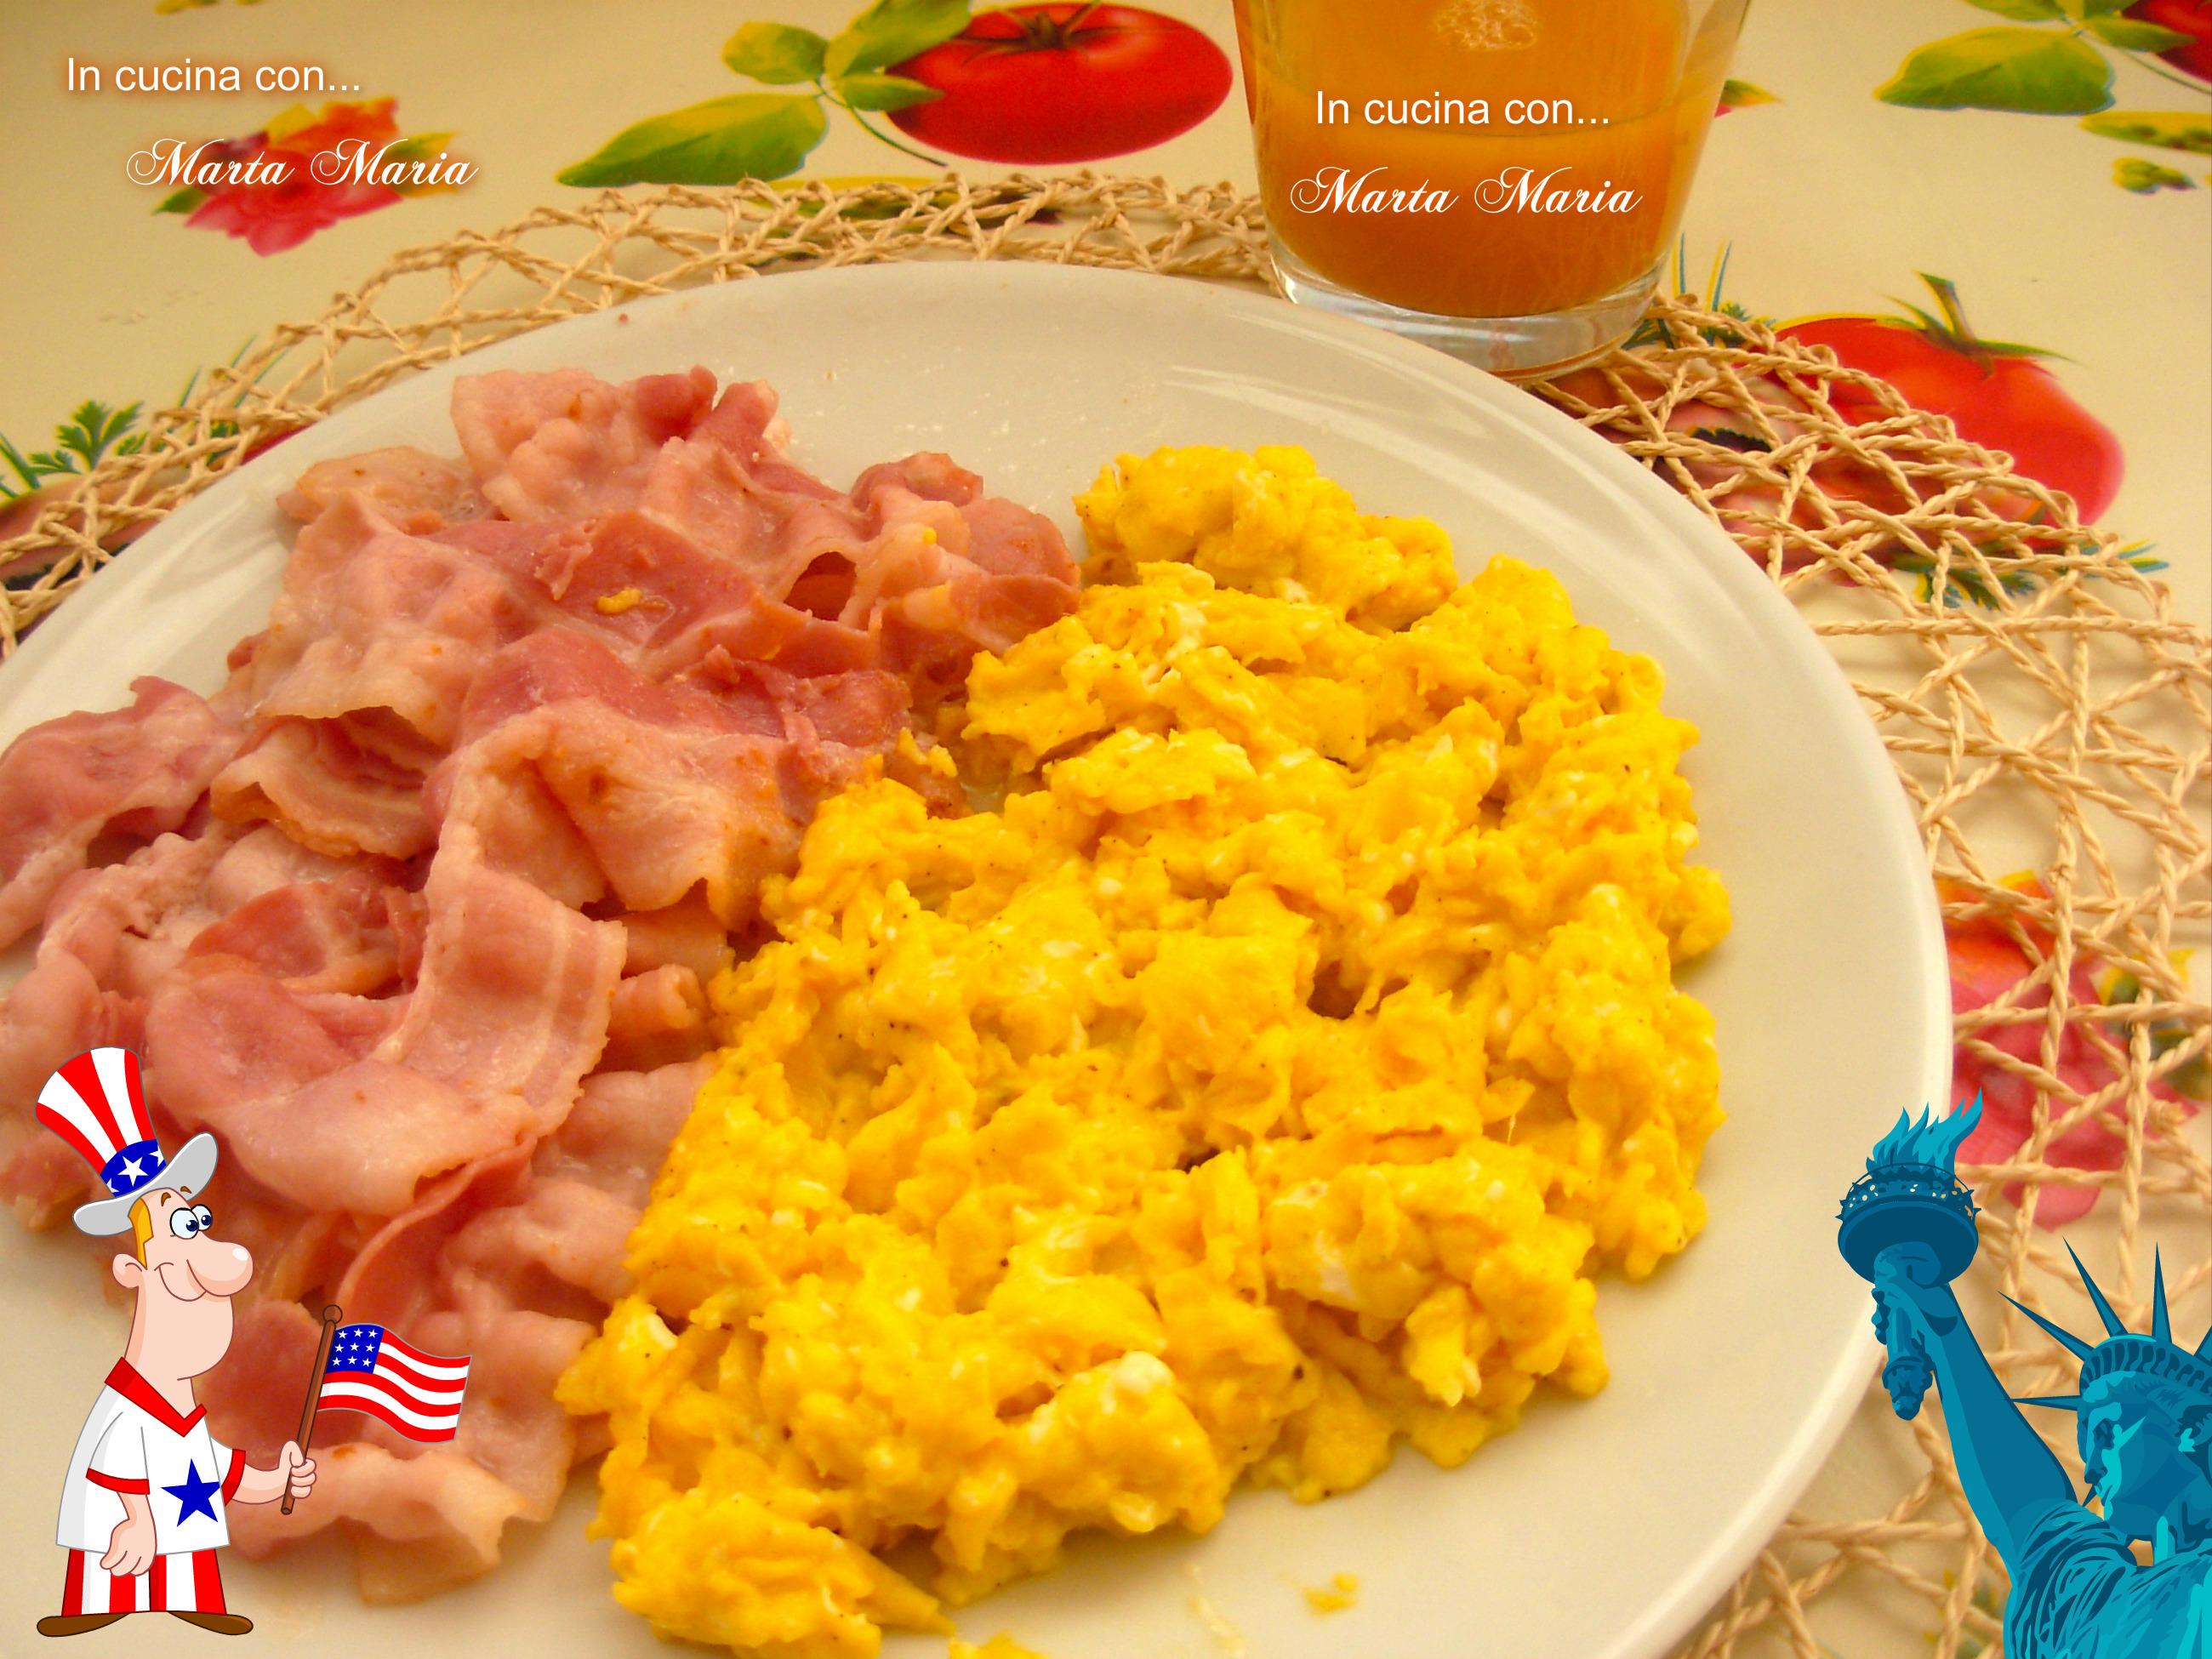 Ricetta Uova Strapazzate Con Pancetta.Uova Strapazzate E Bacon Ricetta Facile In Cucina Con Marta Maria